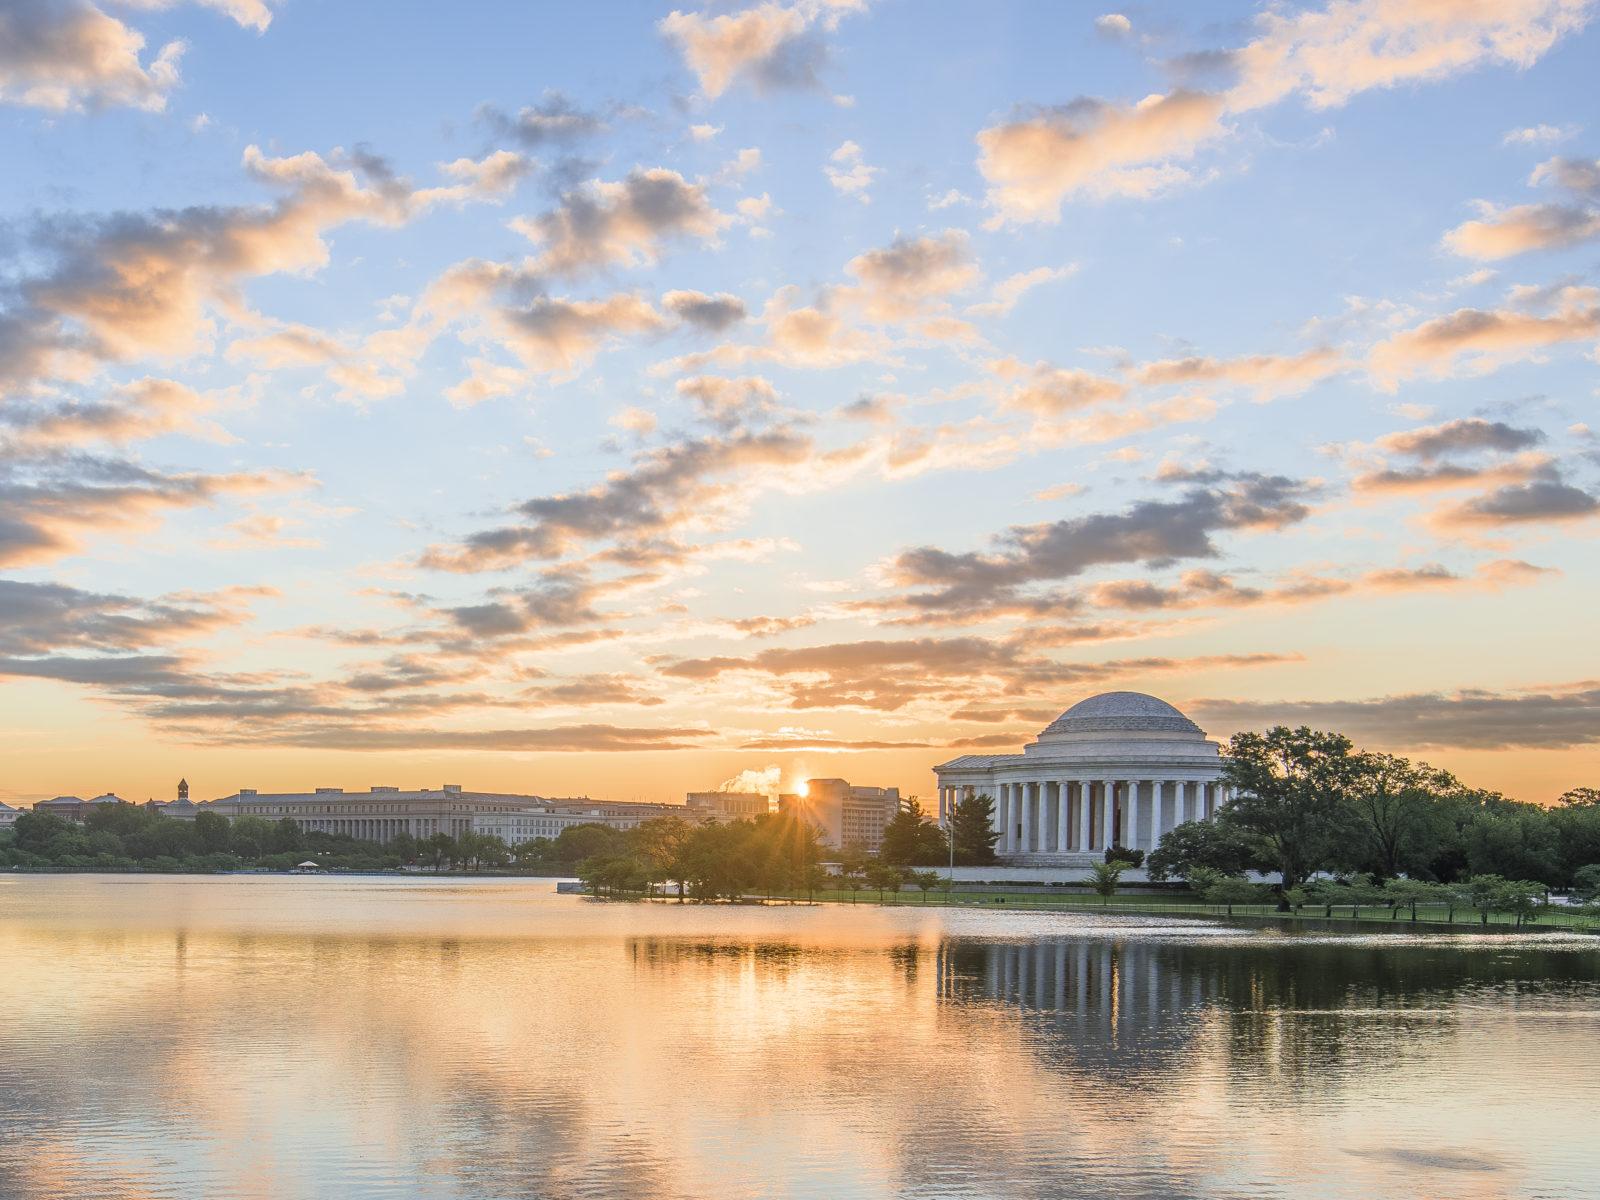 D.C. criminal defense lawyer - Jefferson Memorial